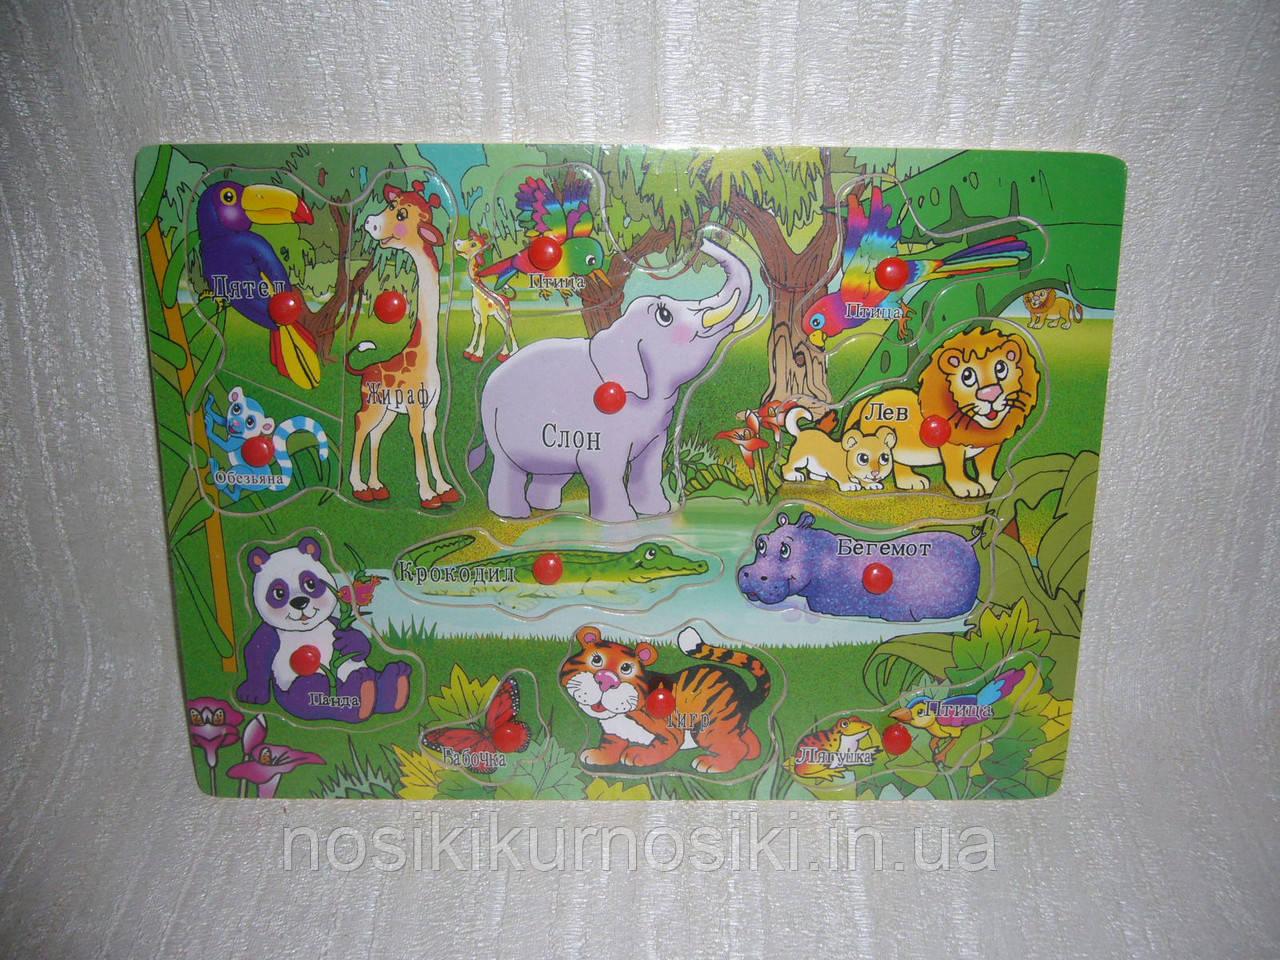 Деревянные игрушки - рамка вкладыш дикие животные